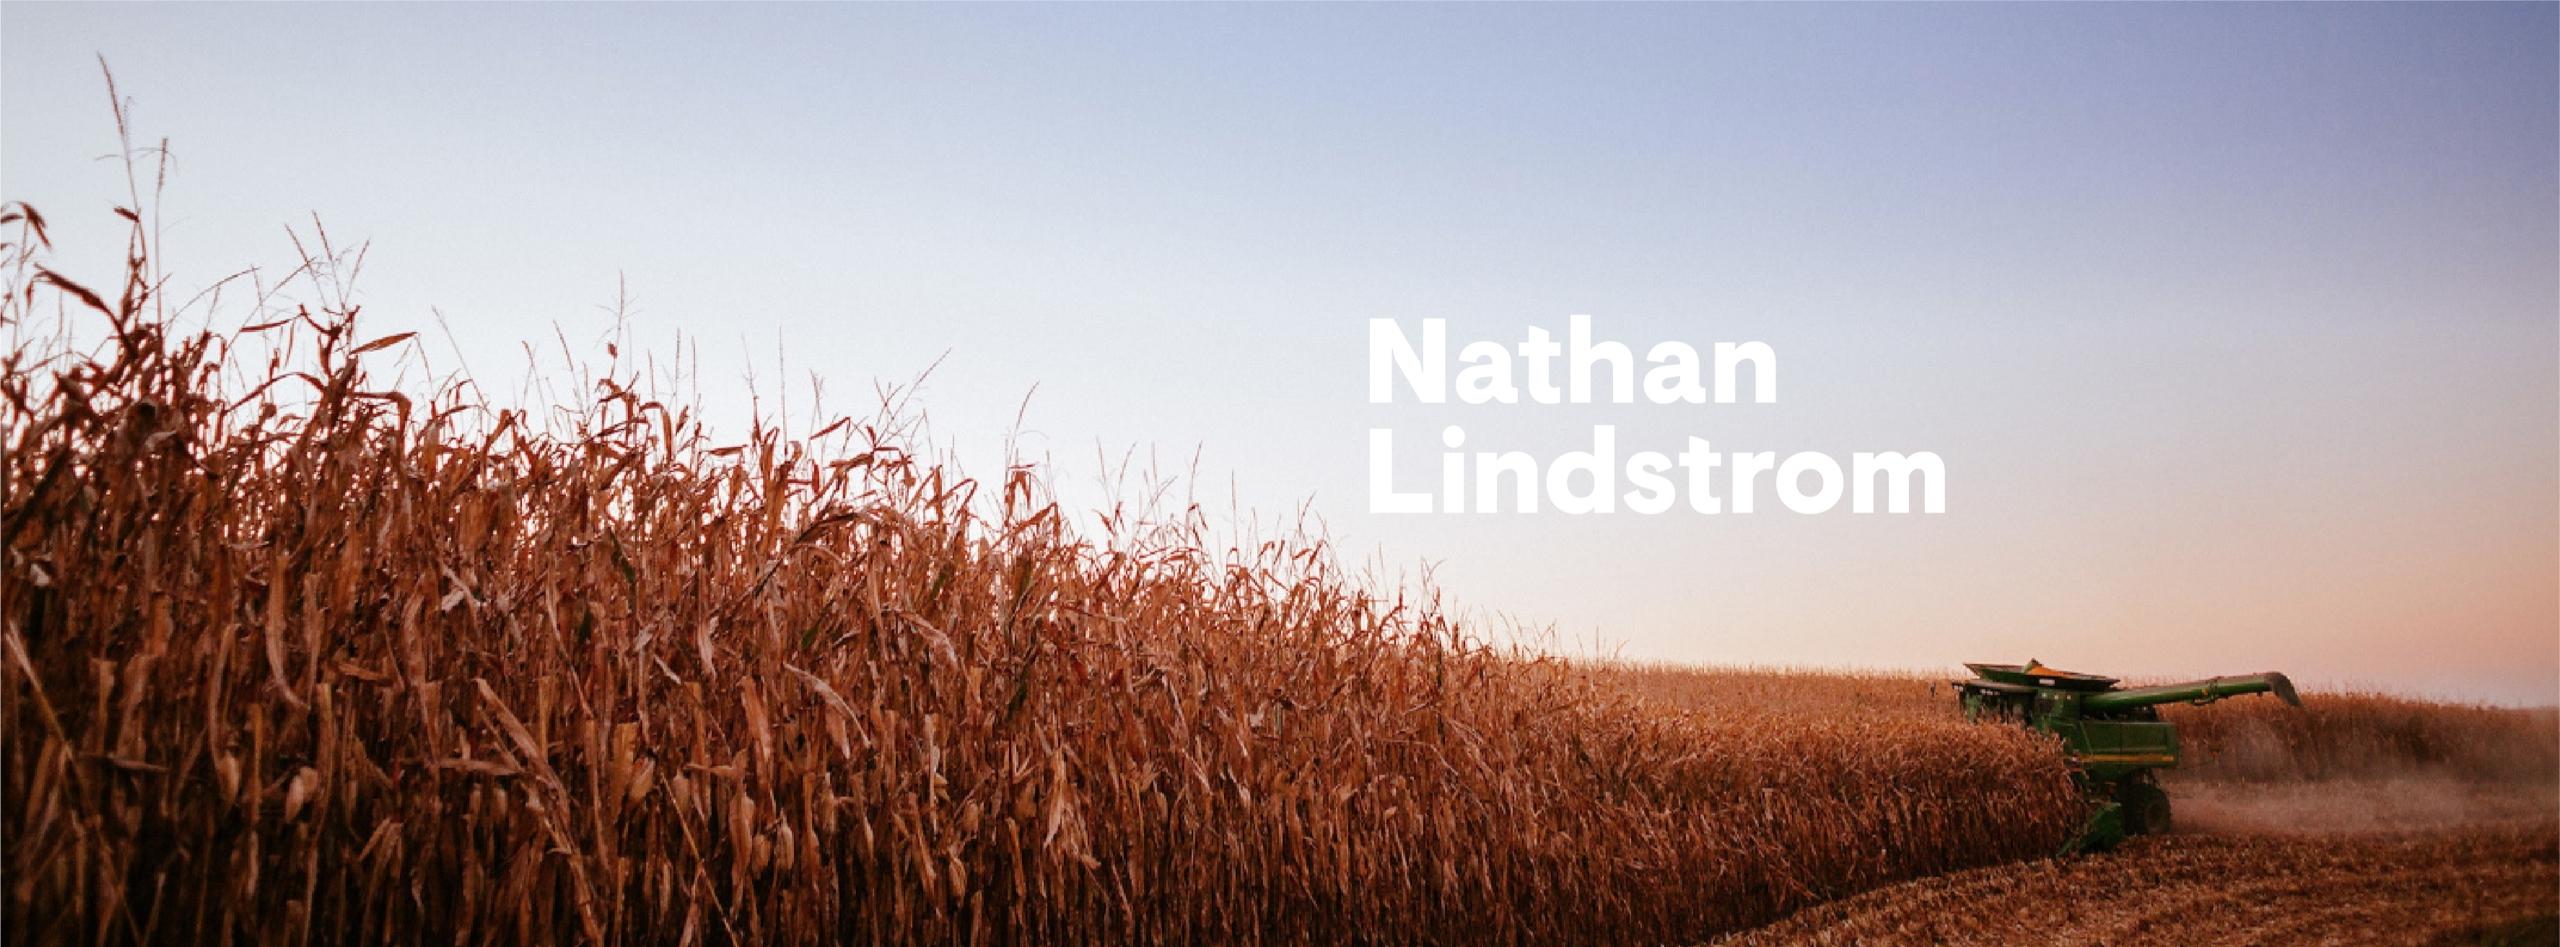 Nathan Lindstrom (@nathanlindstrom) Cover Image